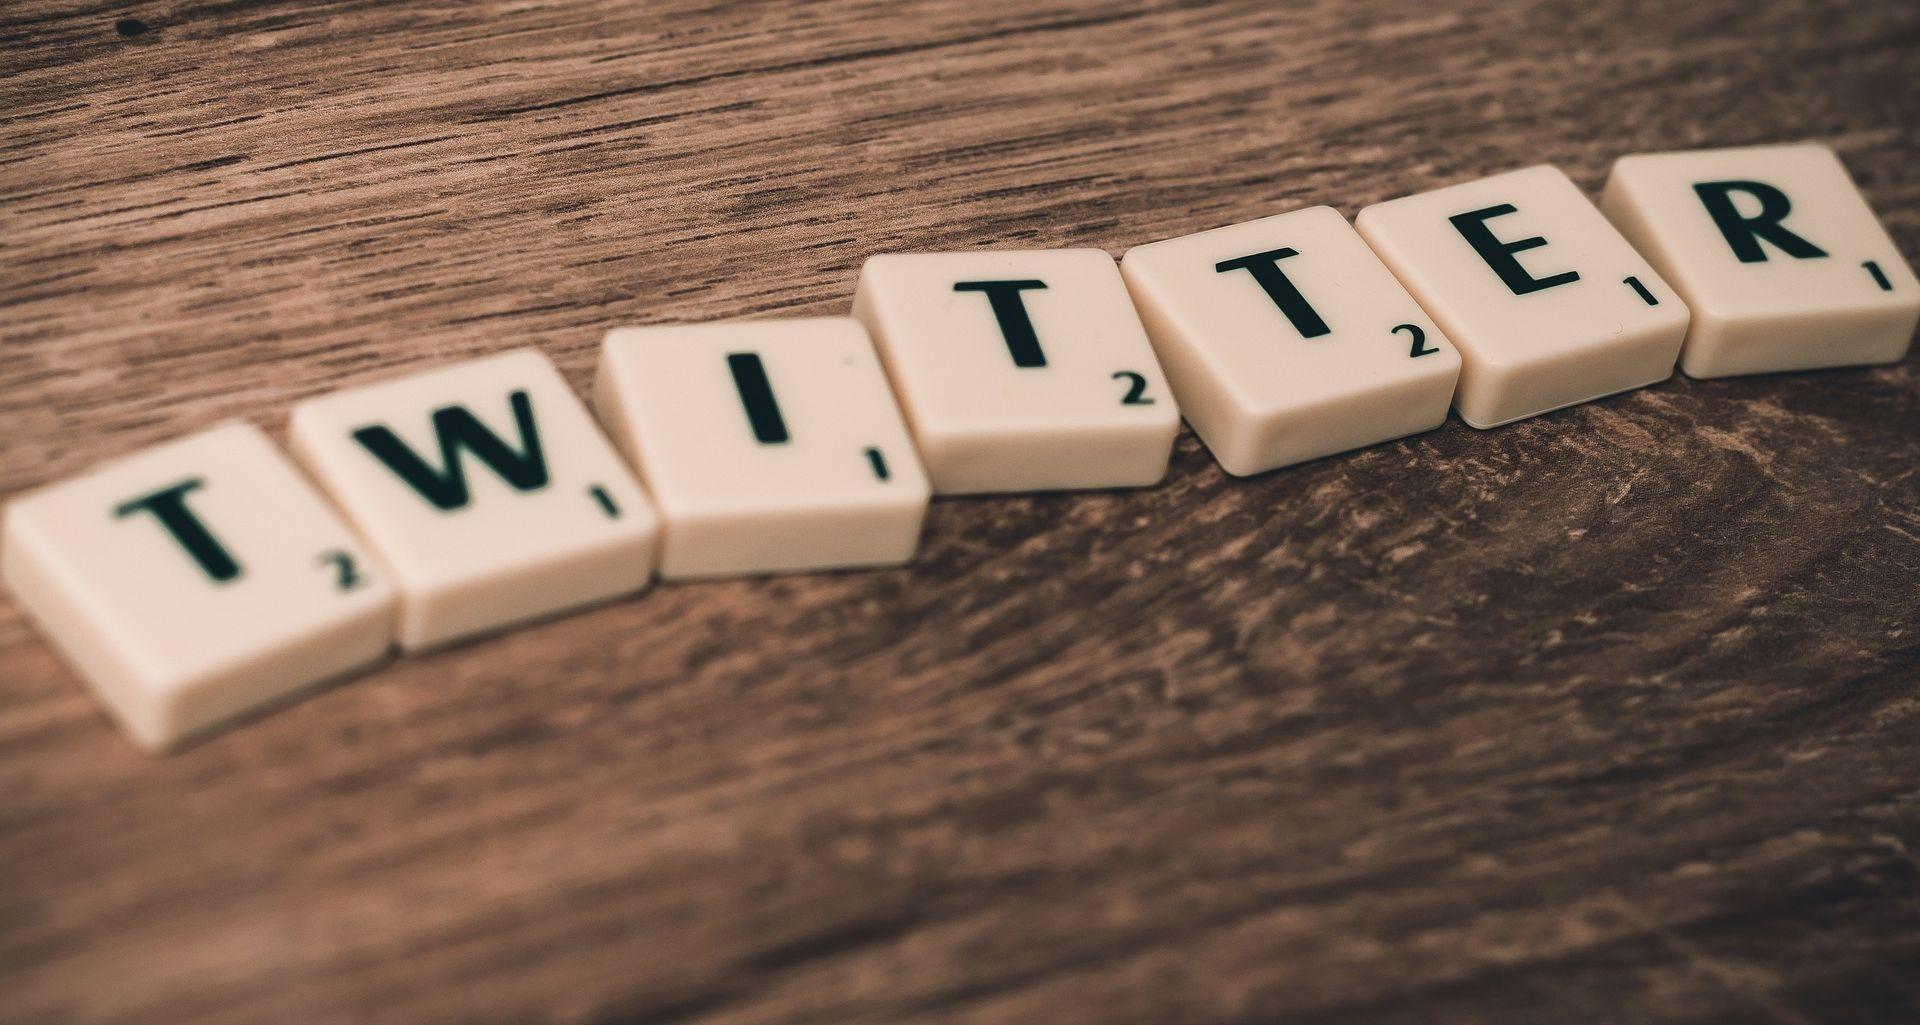 BEYOND 140 Twitter radi na tome da poruke ubuduće imaju više od 140 znakova